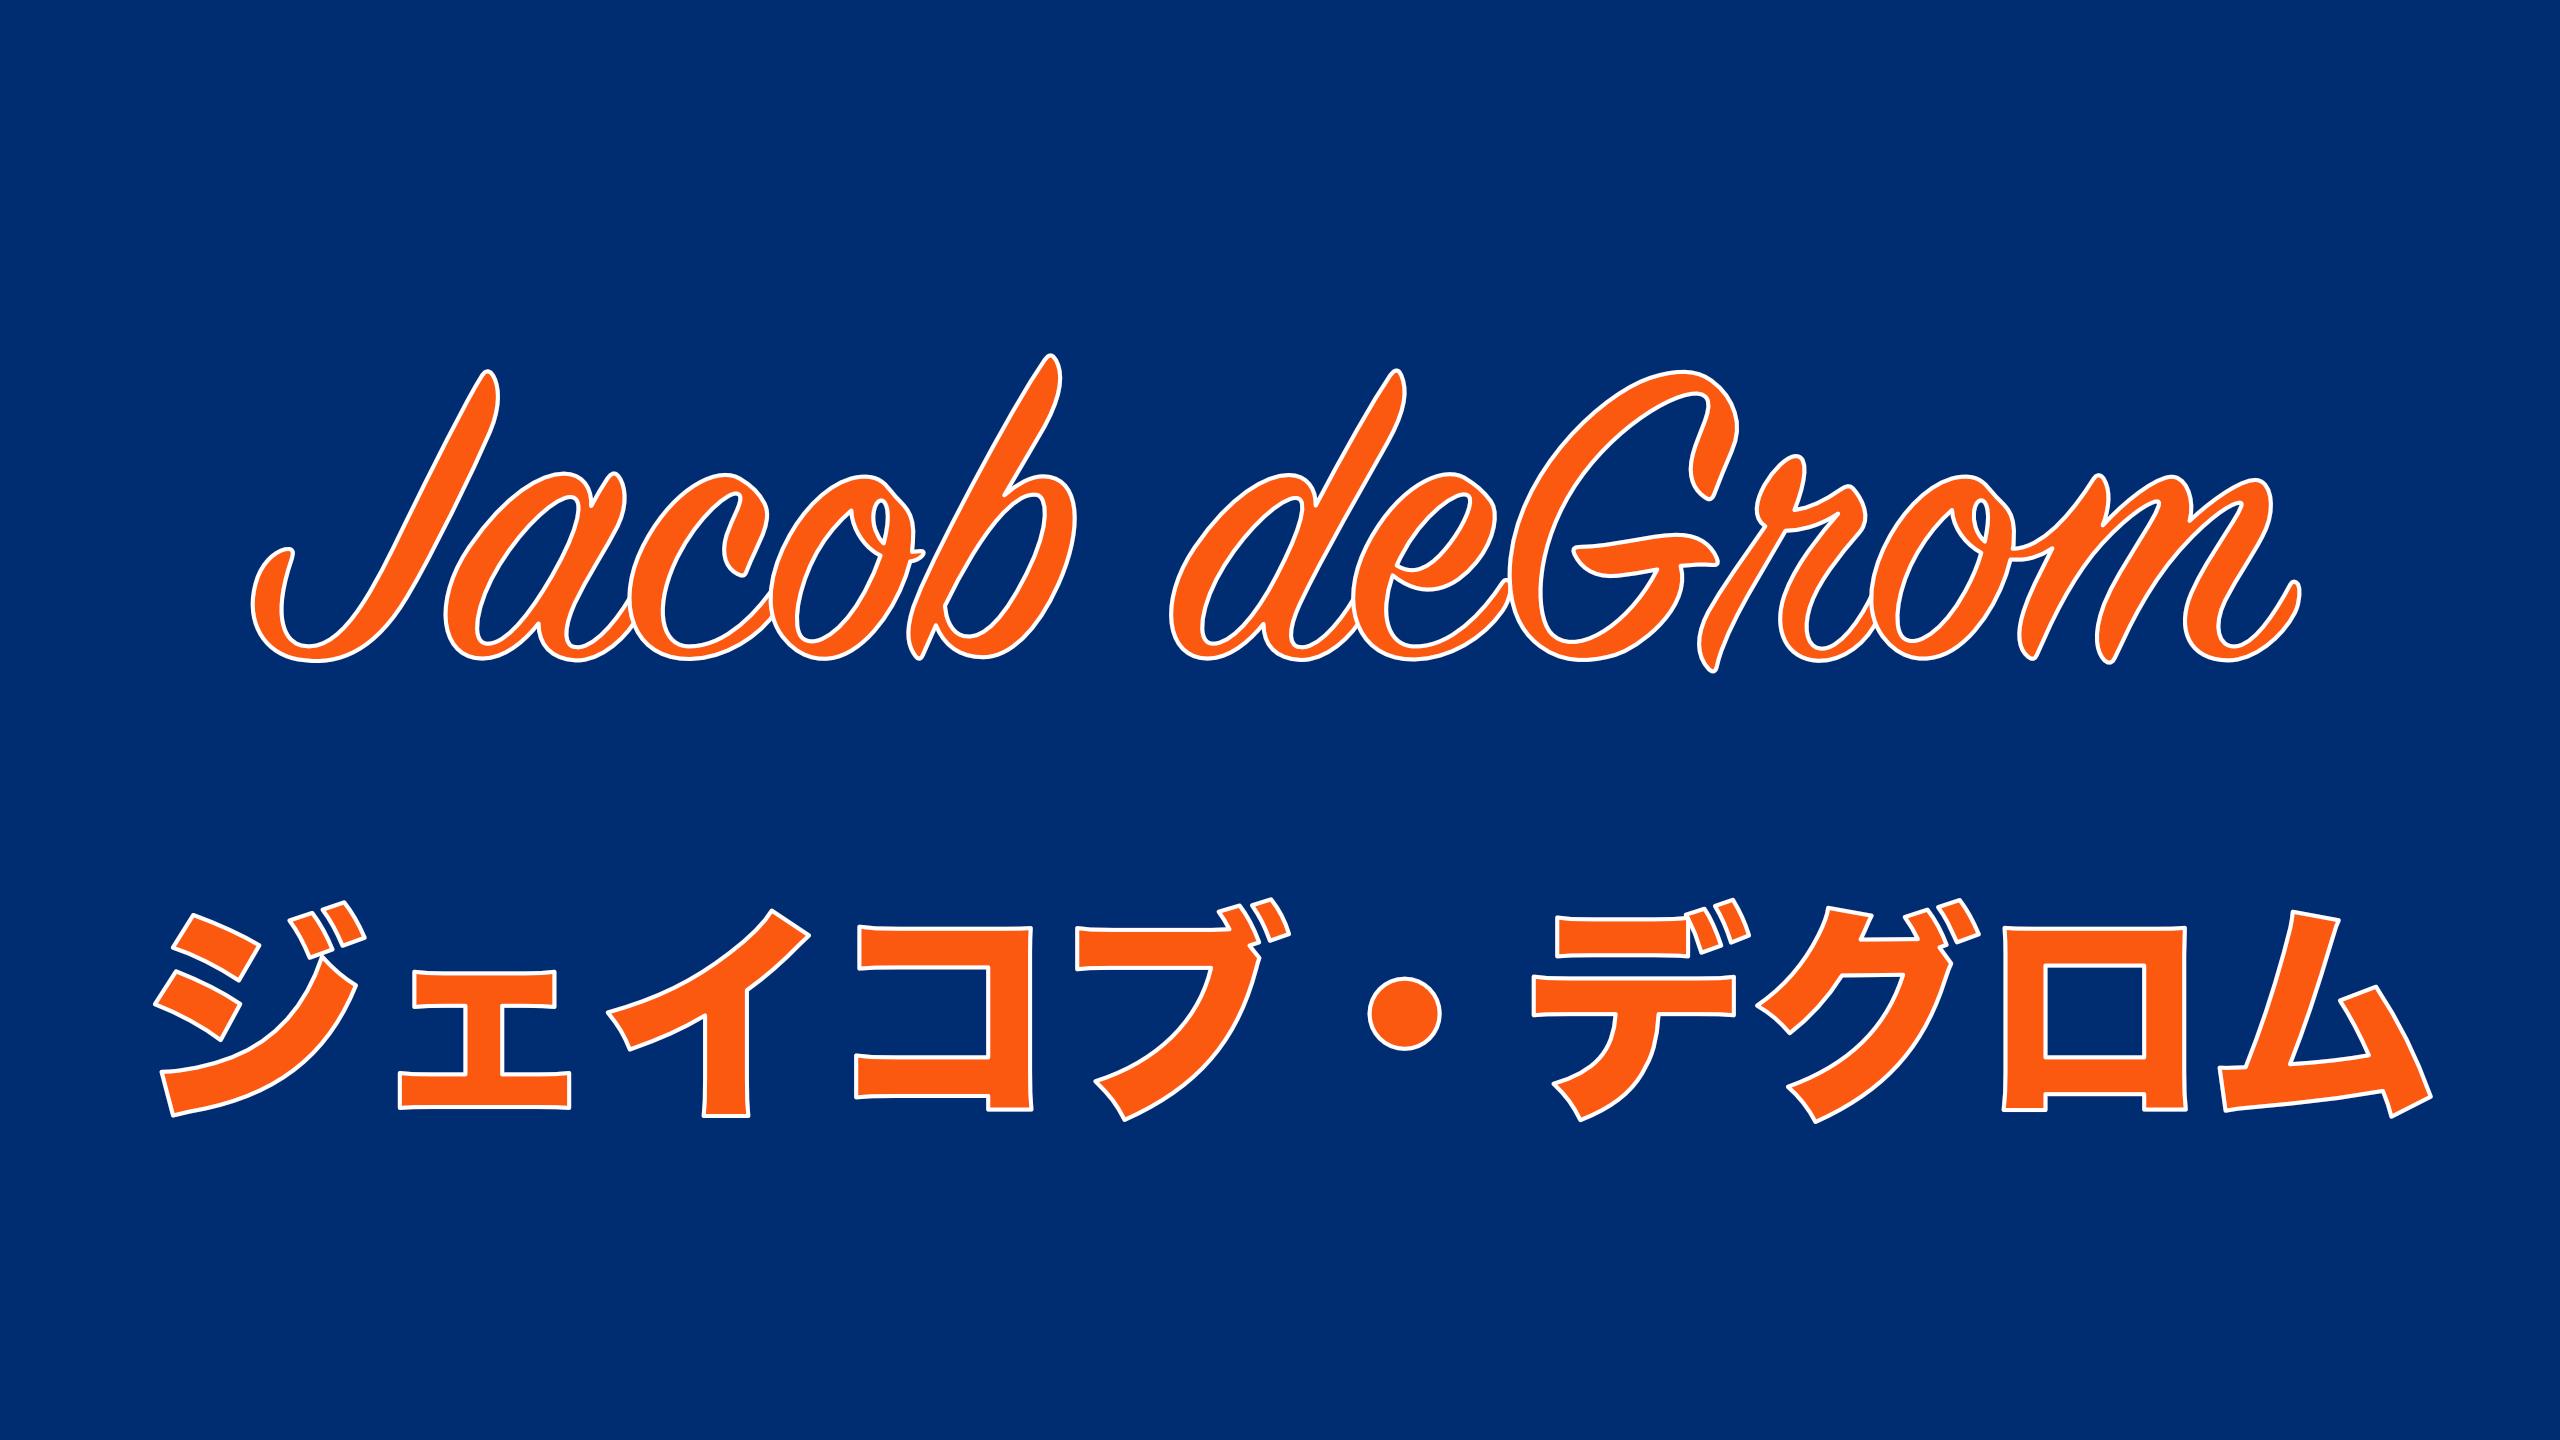 degrom